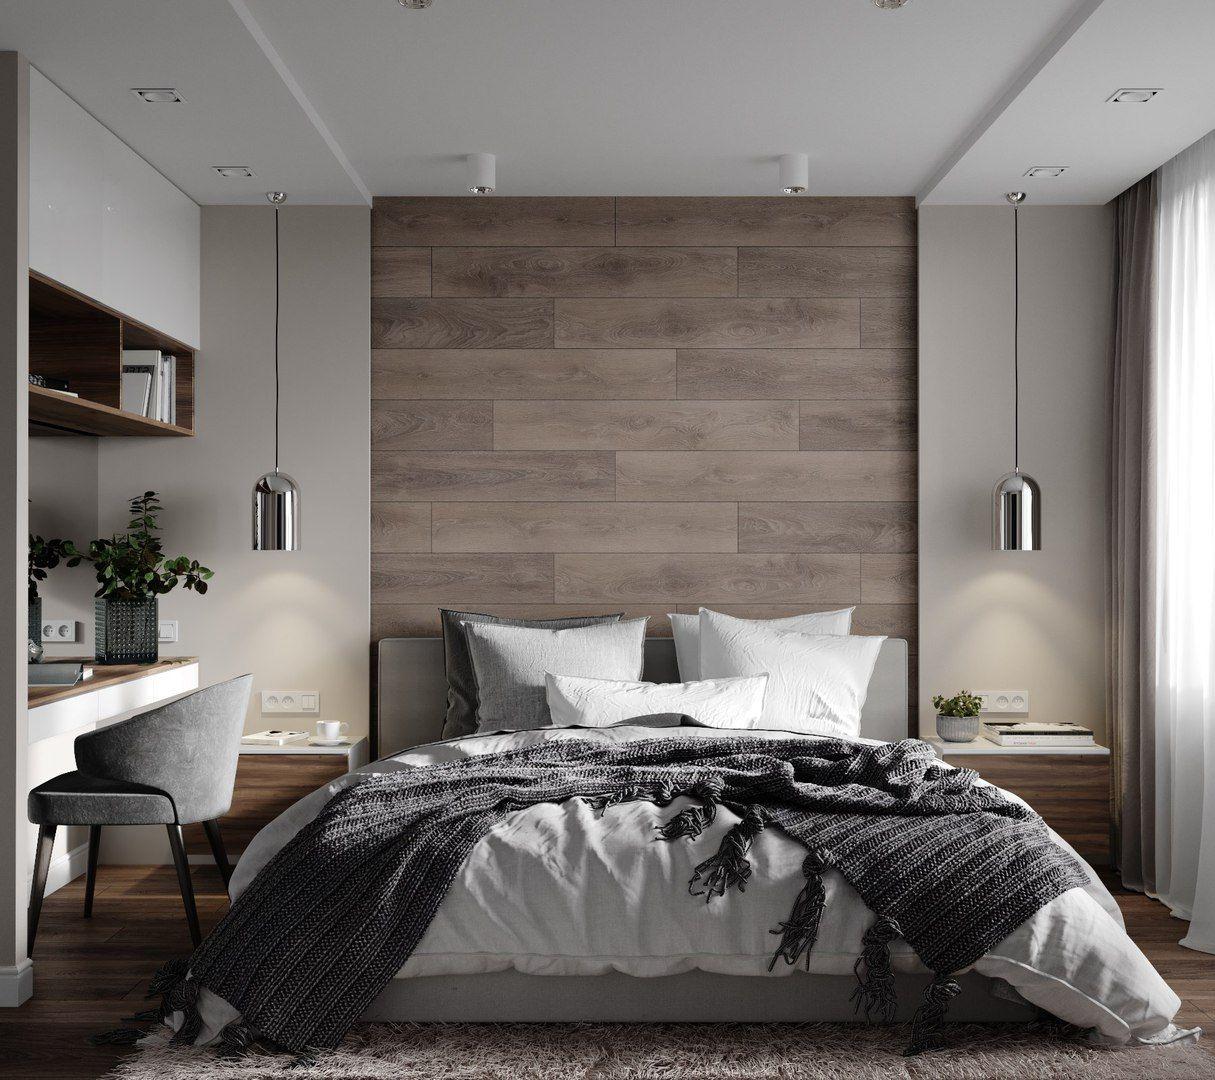 современные спальни дизайн: Санкт-Петербург 96 кв.м. – 35 фотографий